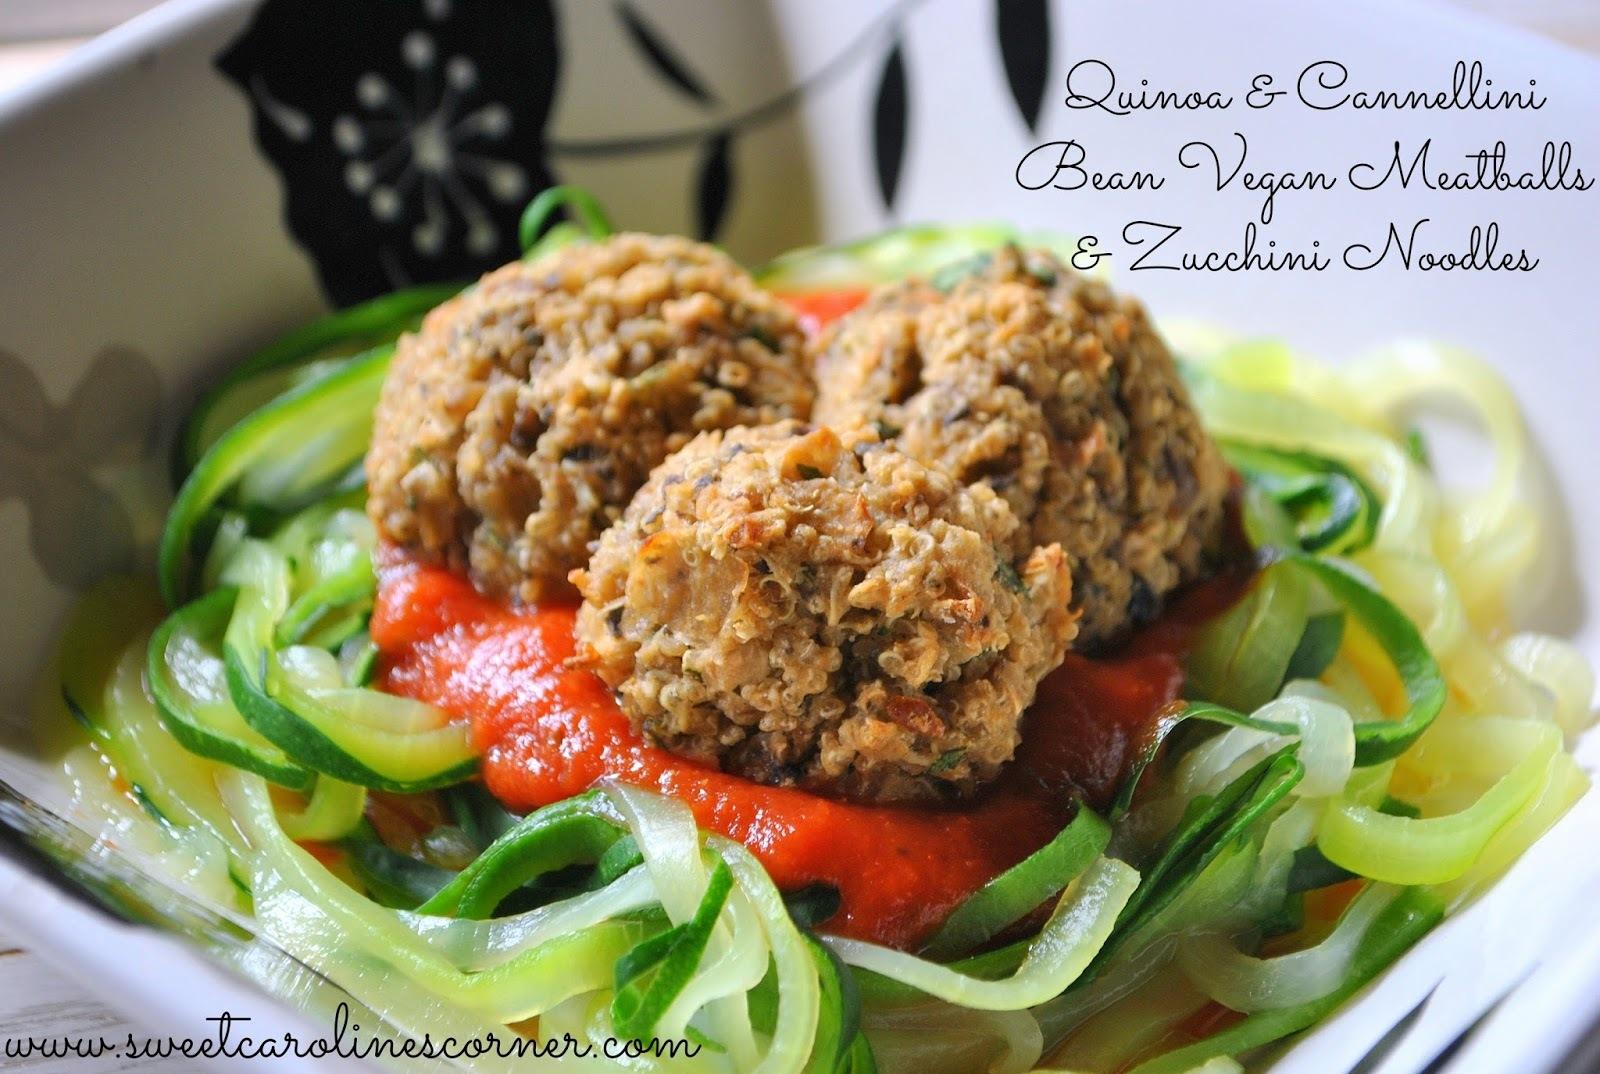 Quinoa & Cannellini Bean Vegan Meatballs & Zucchini Noodles (Almôndegas Vegana de Quinoa & Feijão com Macarrão de Abobrinha)